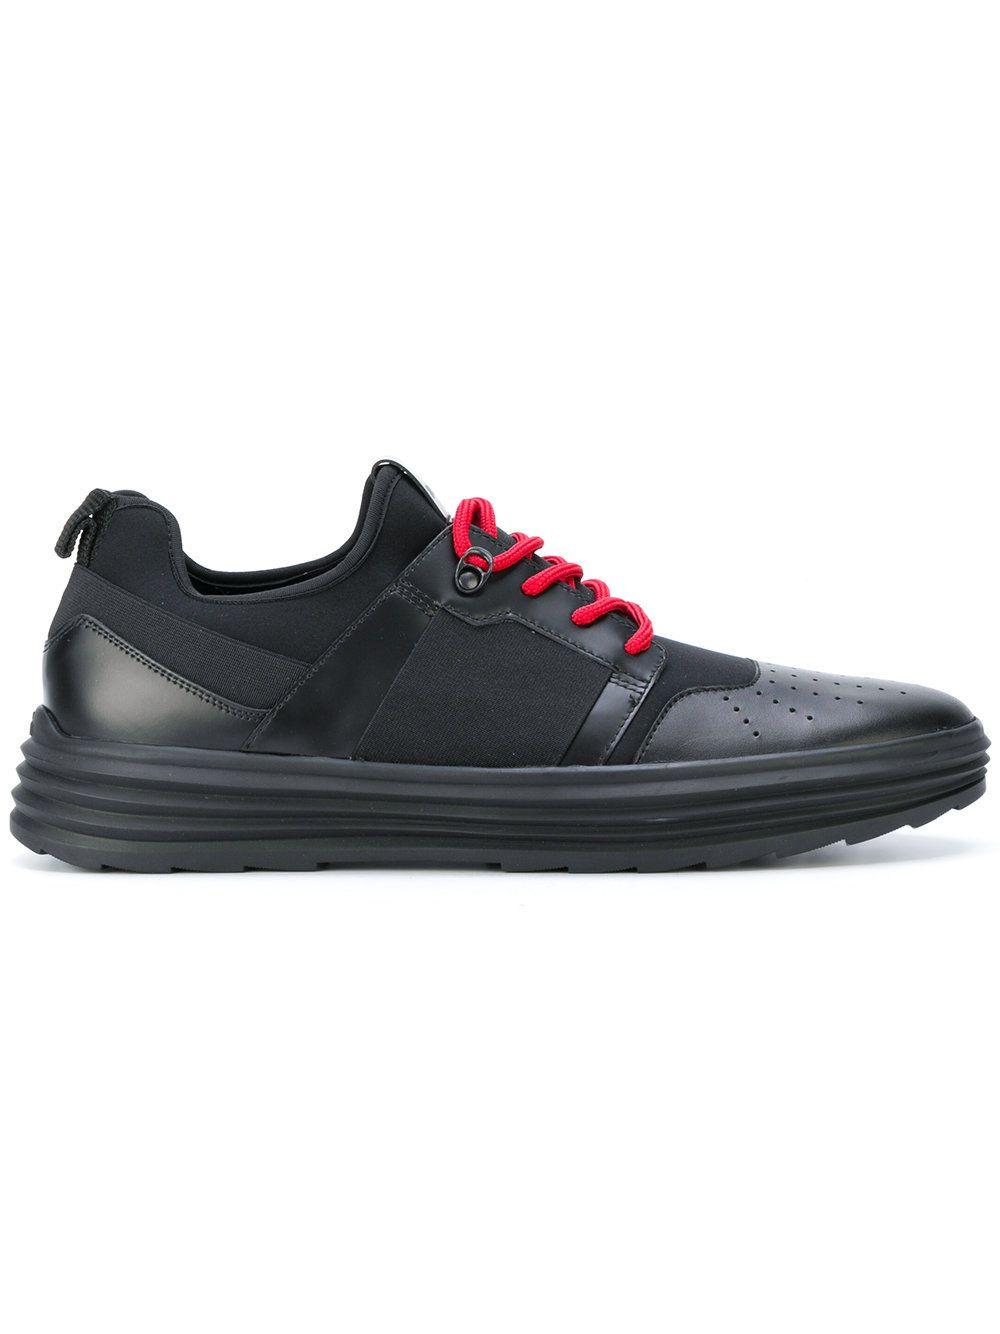 Hogan Lace Up Sneakers Sepatu Pria